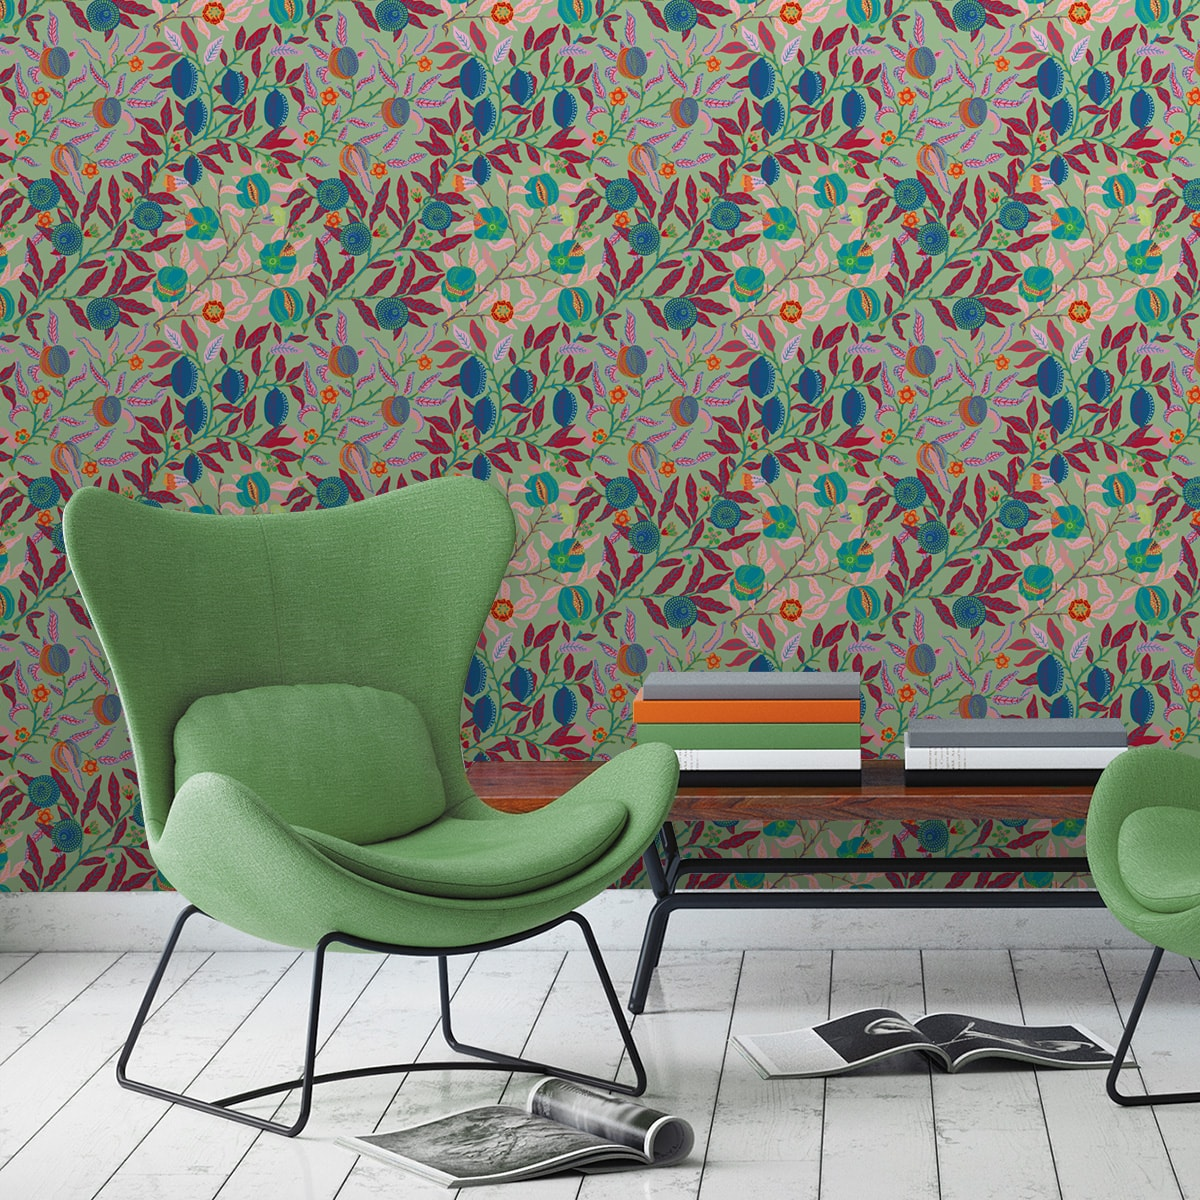 """Designer Jugendstil Tapete """"Granatapfel Baum"""" nach William Morris, grüne Vlies Tapete Blumen Natur, schöne Blumentapete für Flur, Büro"""